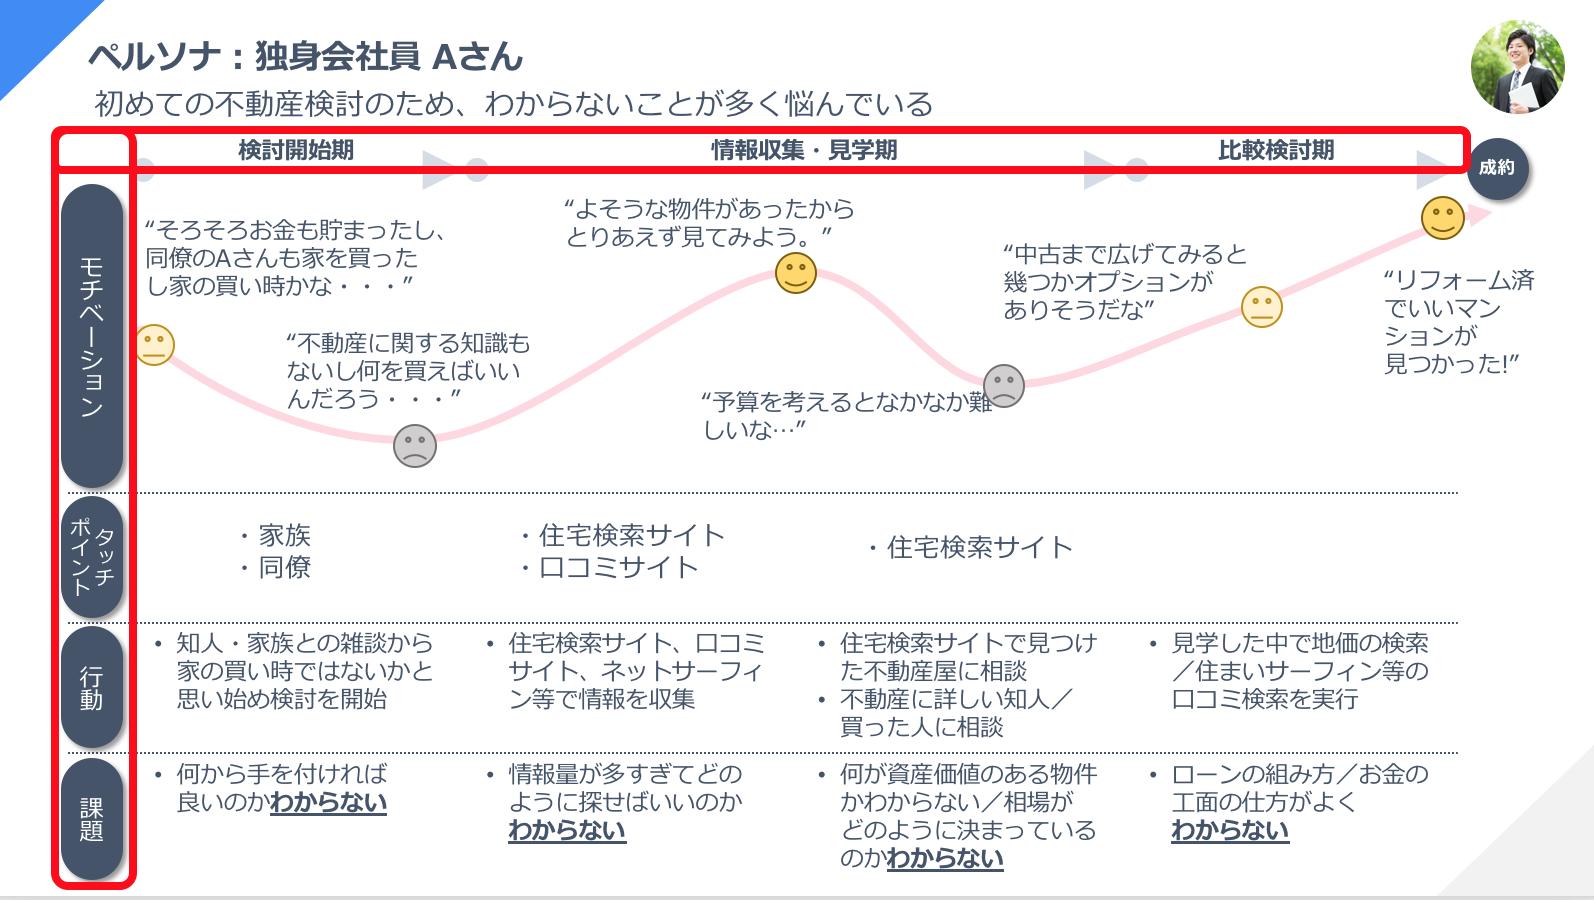 カスタマージャーニーマップの作り方 縦軸・横軸の設定